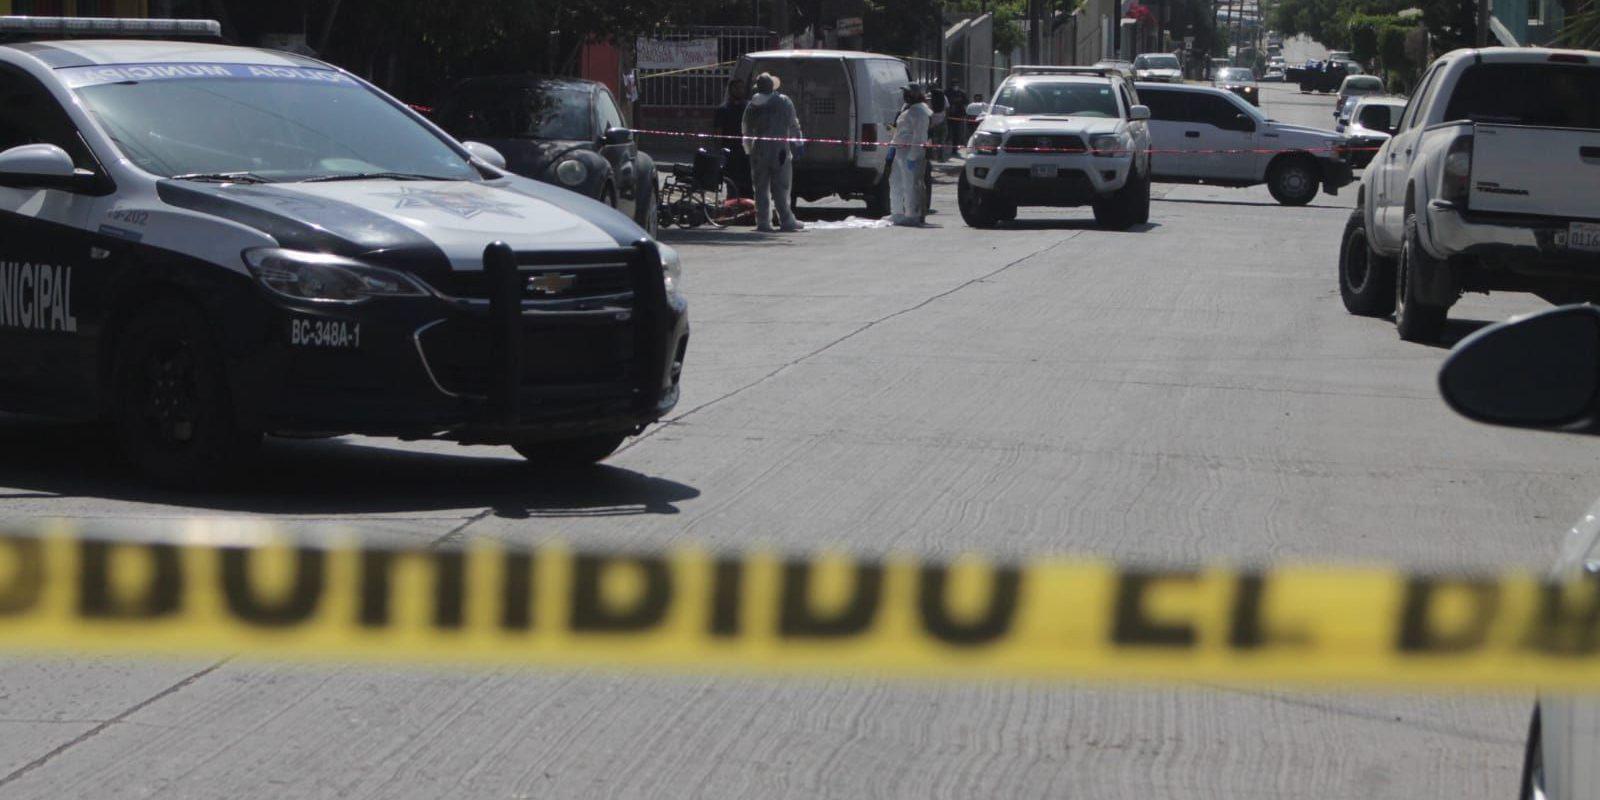 Sicario atacó a joven en silla de ruedas: Le disparó al menos 12 veces